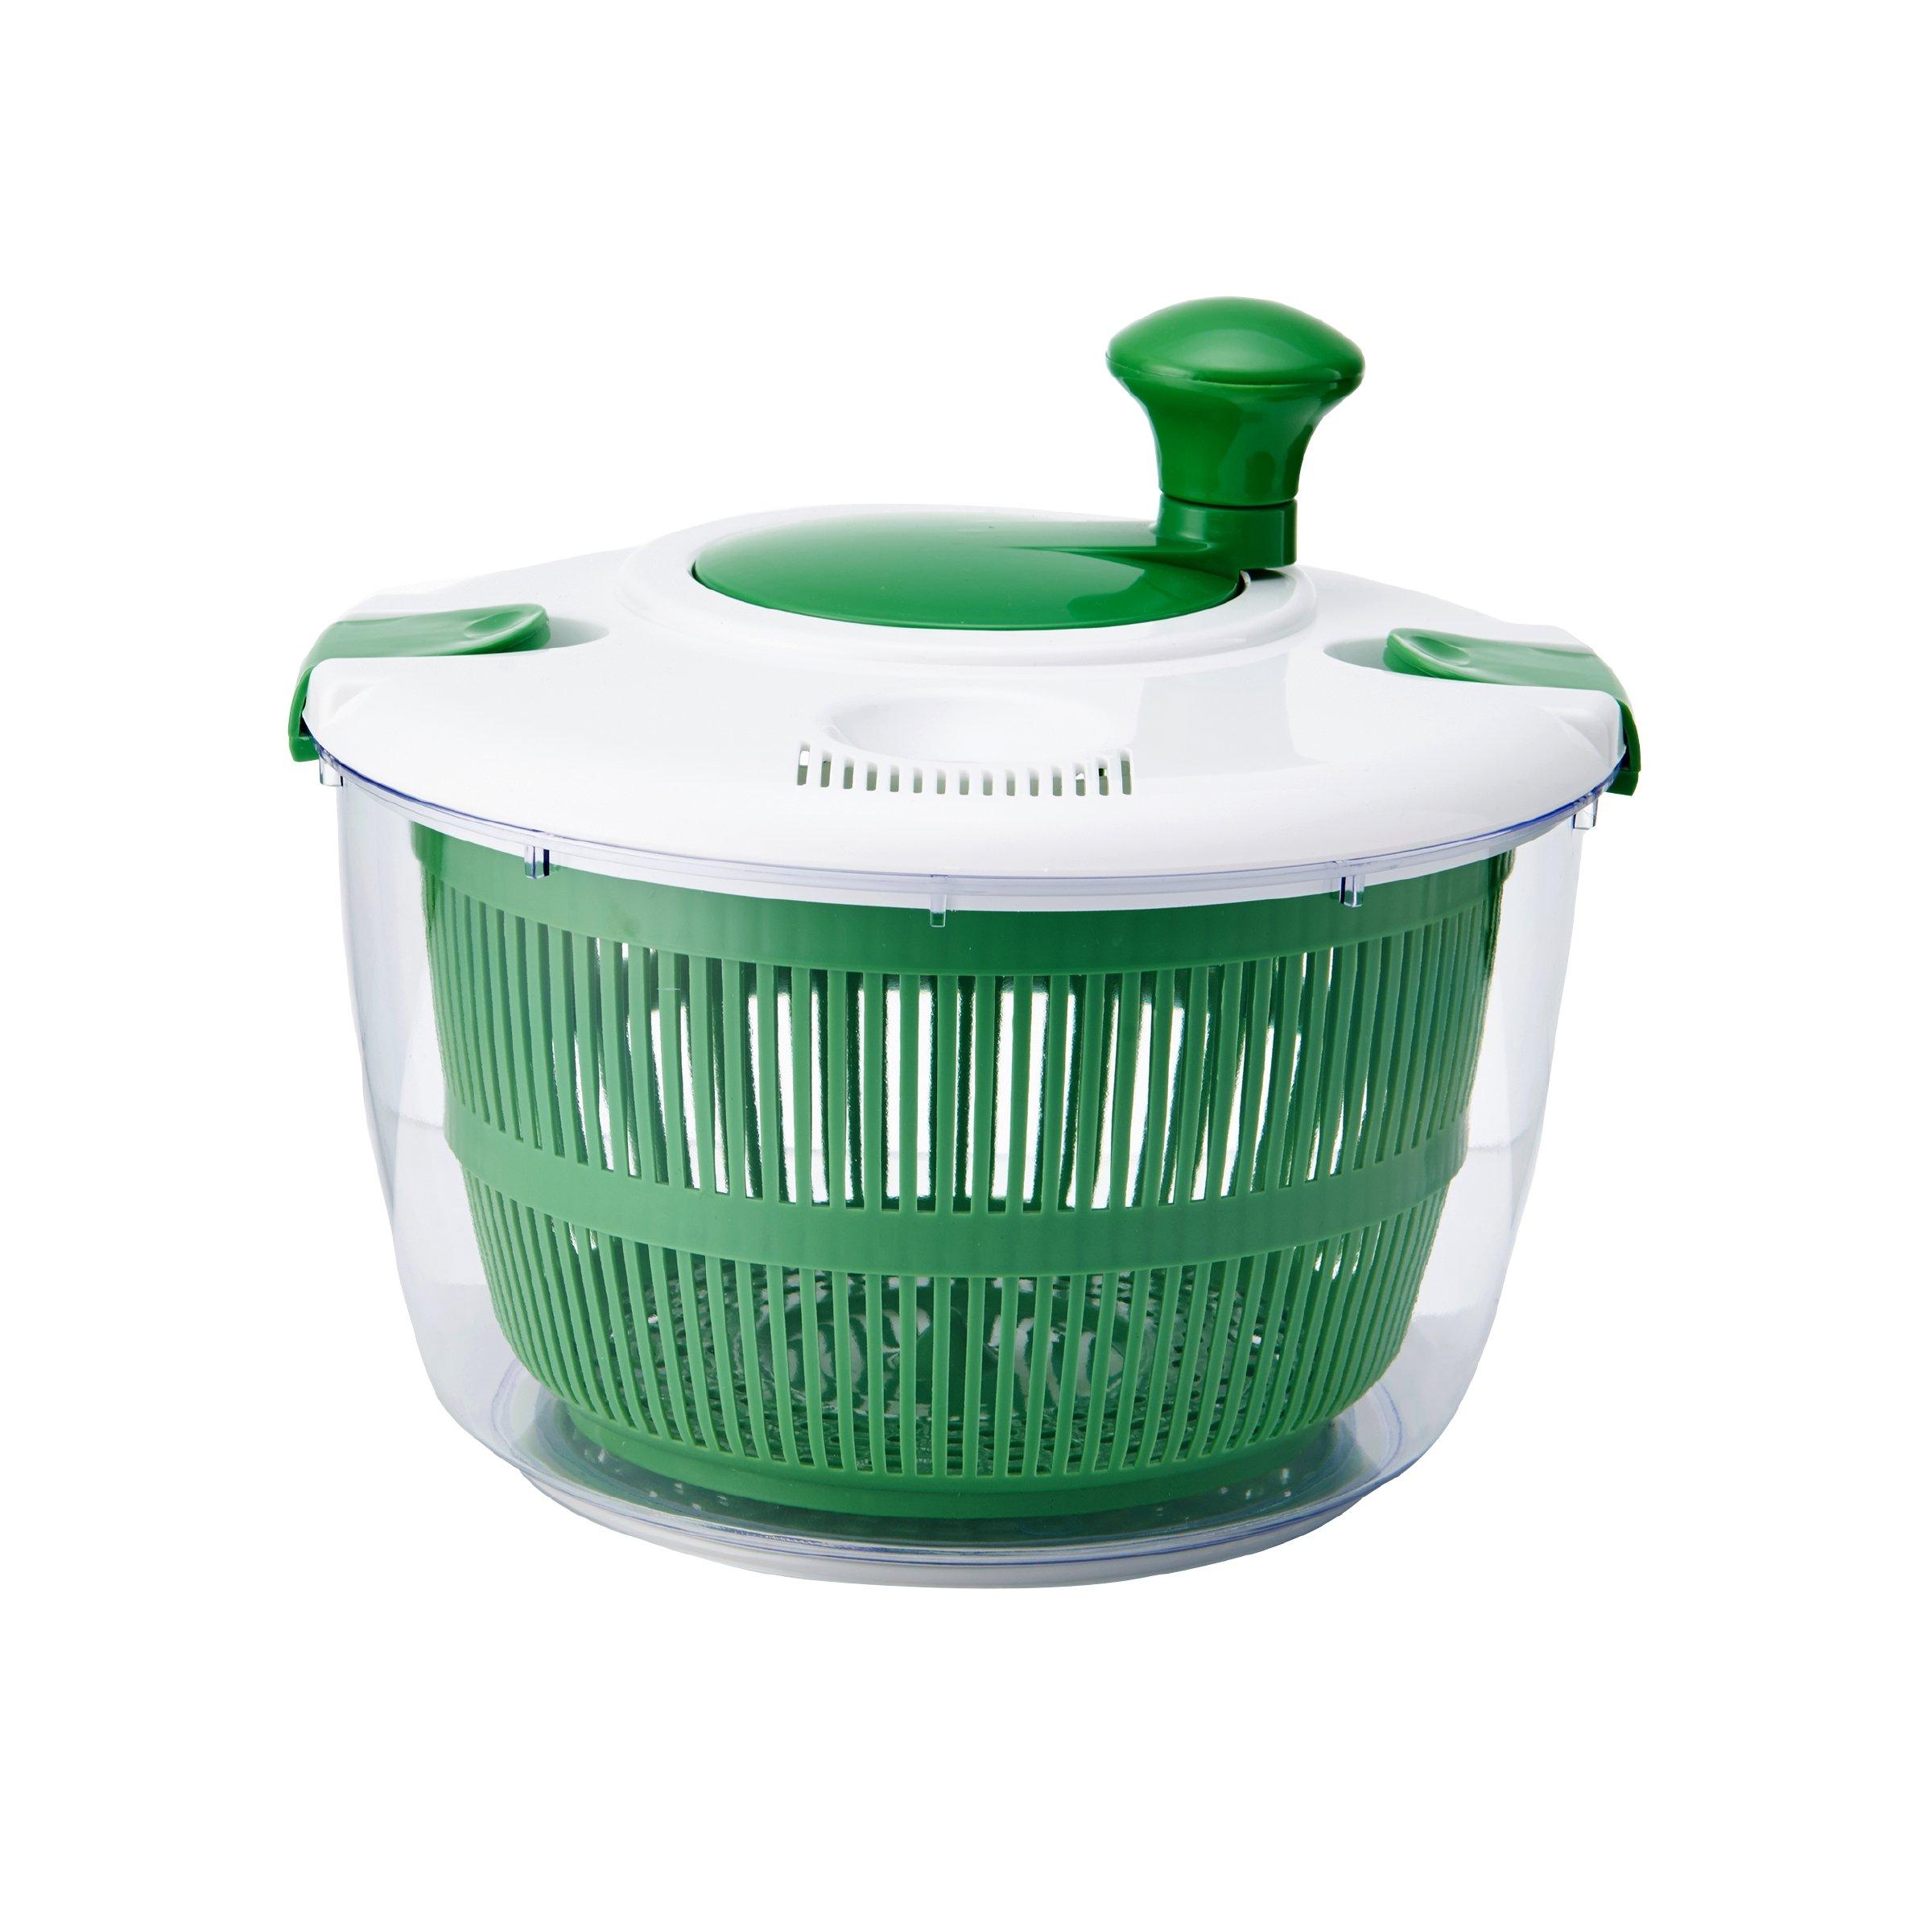 Farberware 5160958 Salad Spinner, Green